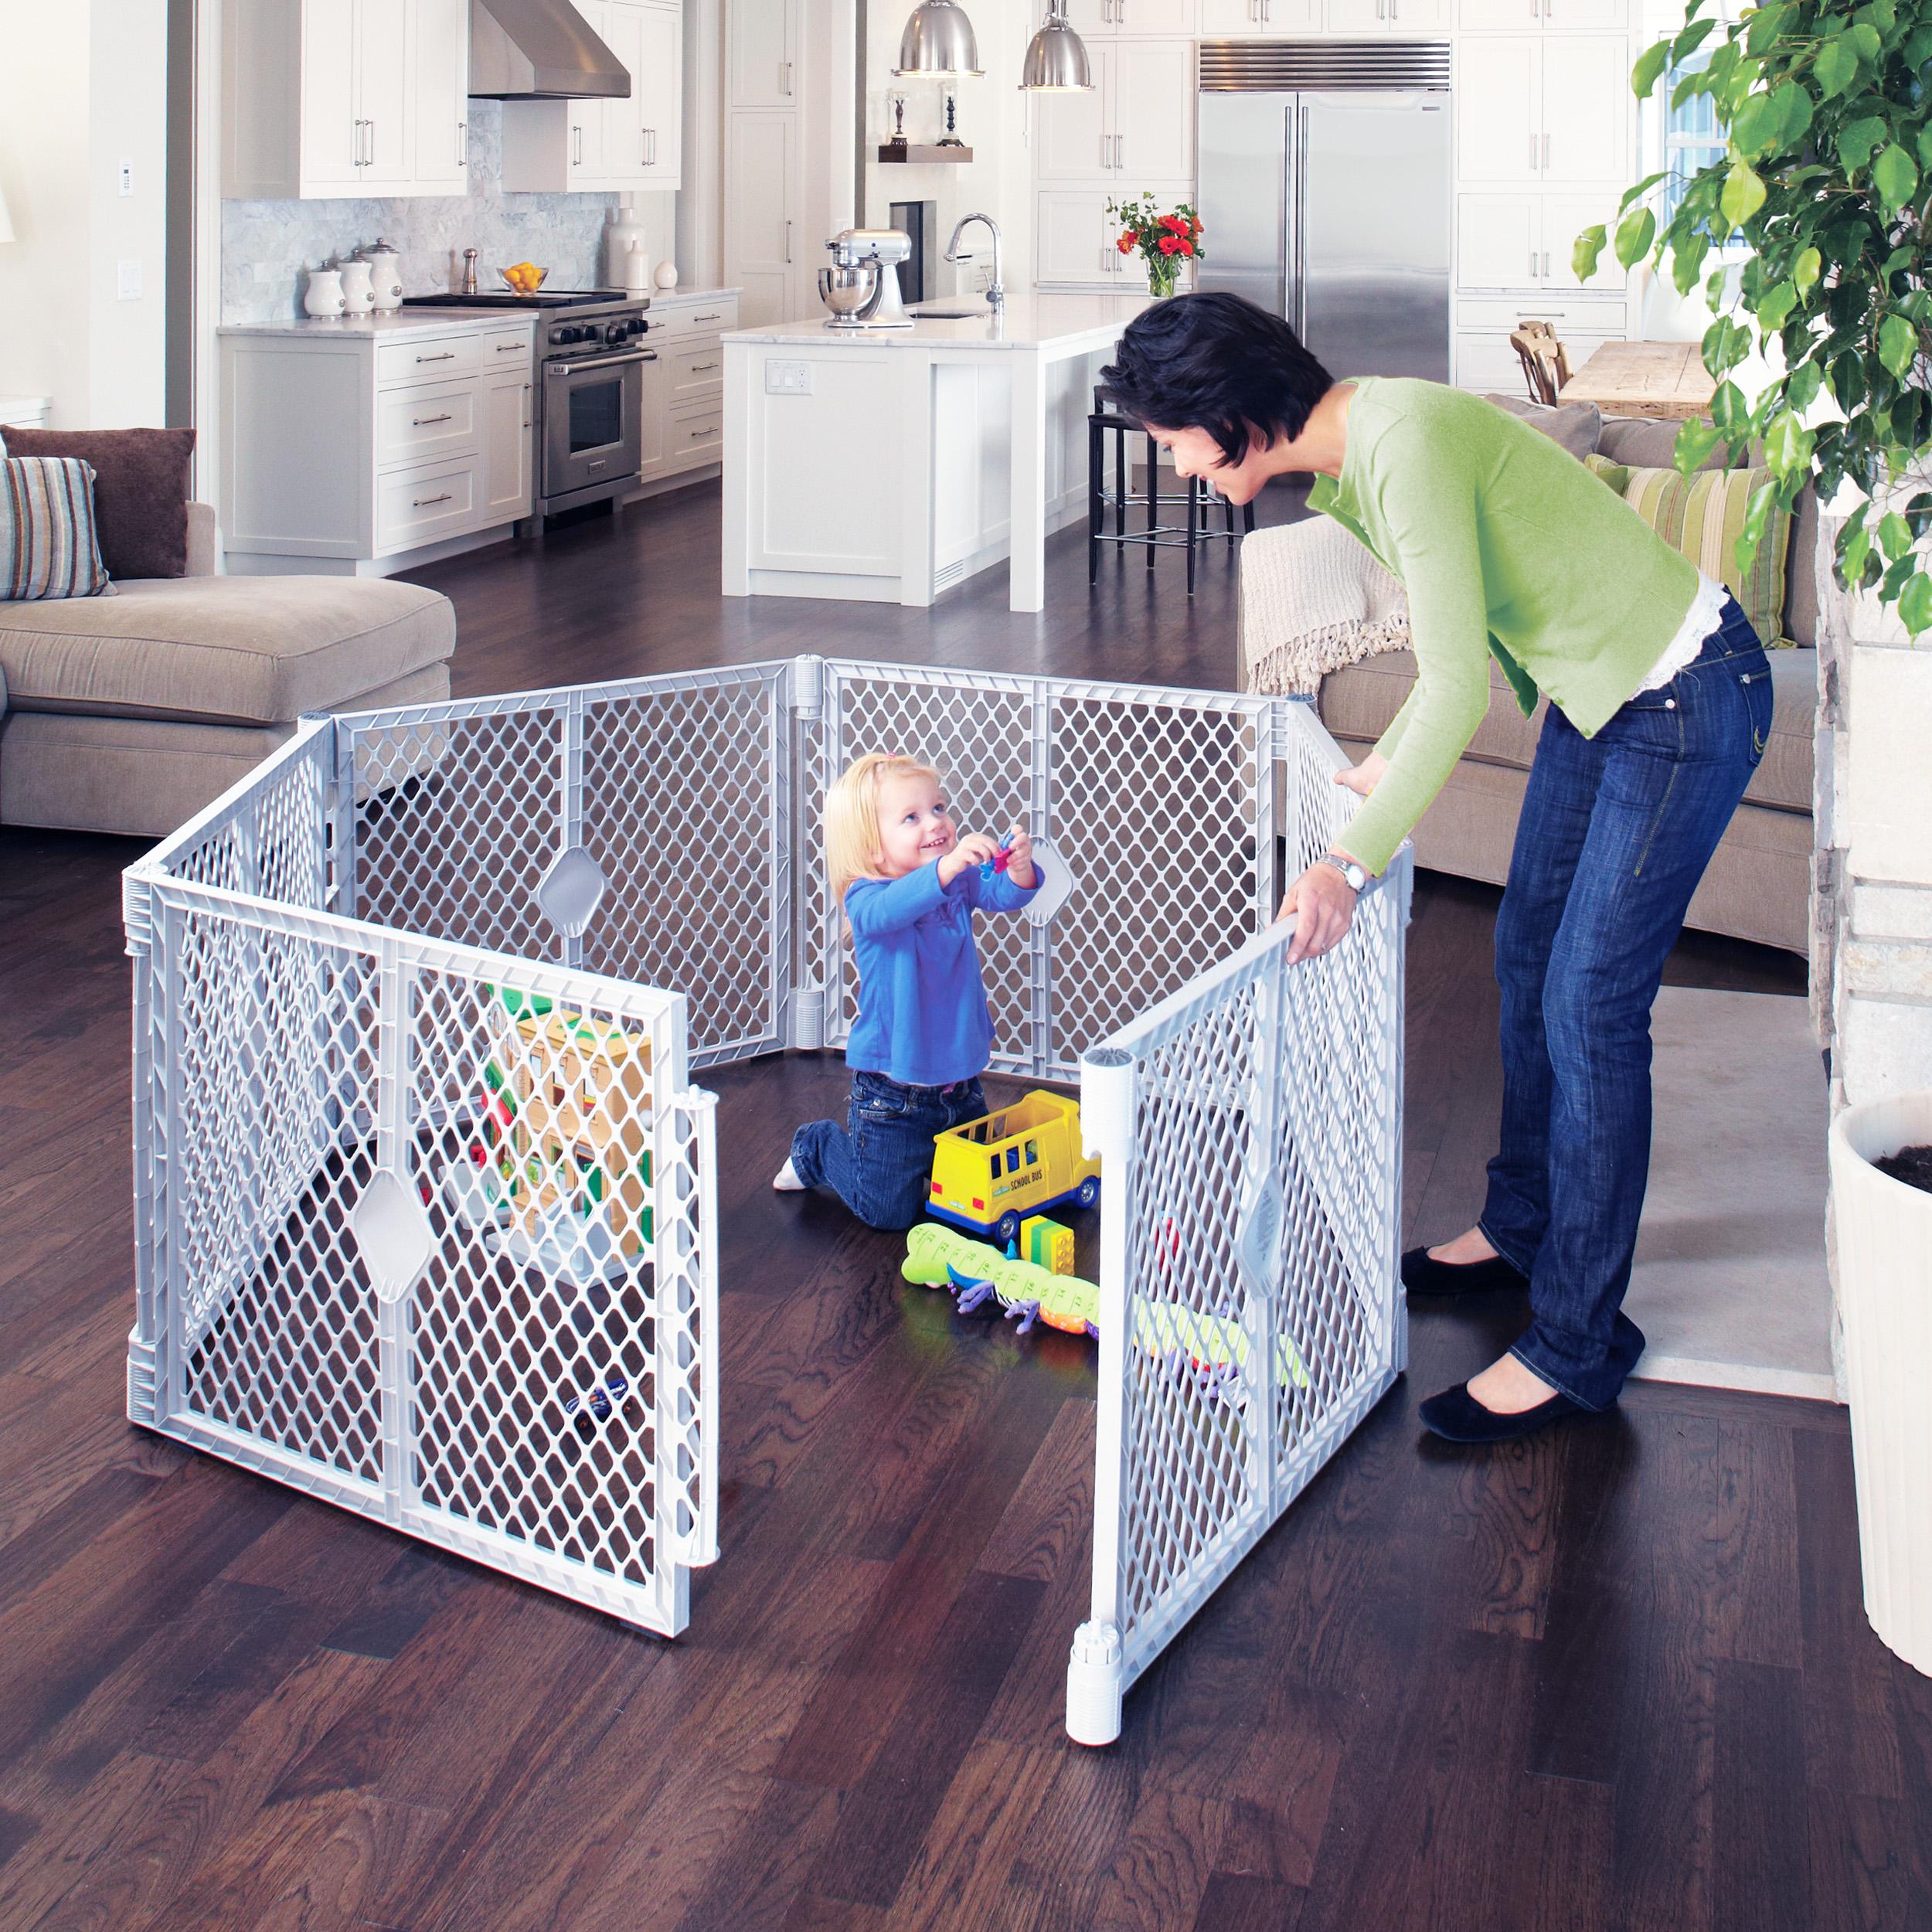 Superyard Classic Six Panel Baby Play Area Indoor Outdoor